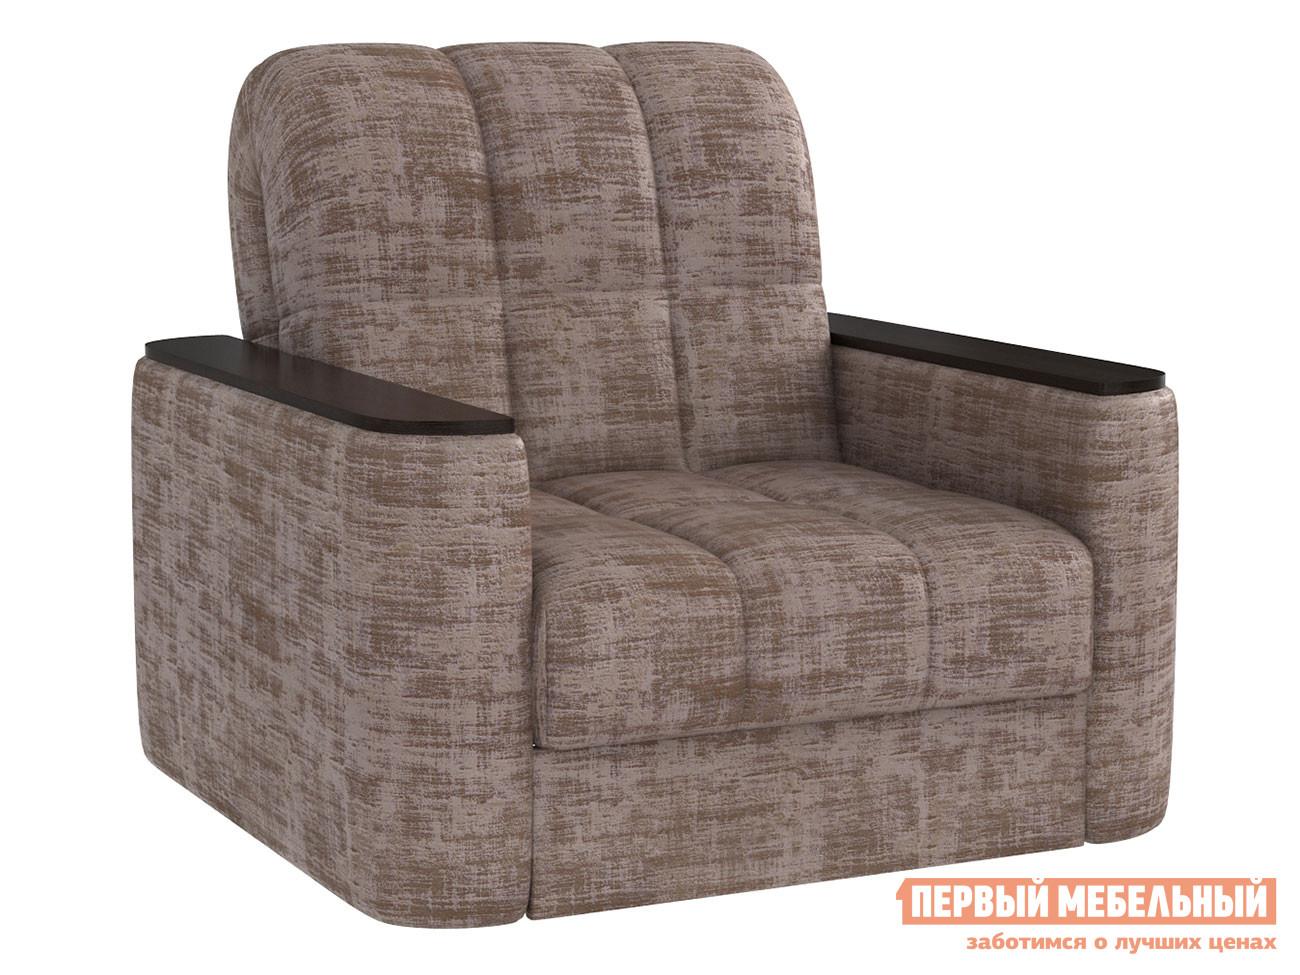 Кресло  Лукас Коричневый металлик, велюр — Лукас Коричневый металлик, велюр